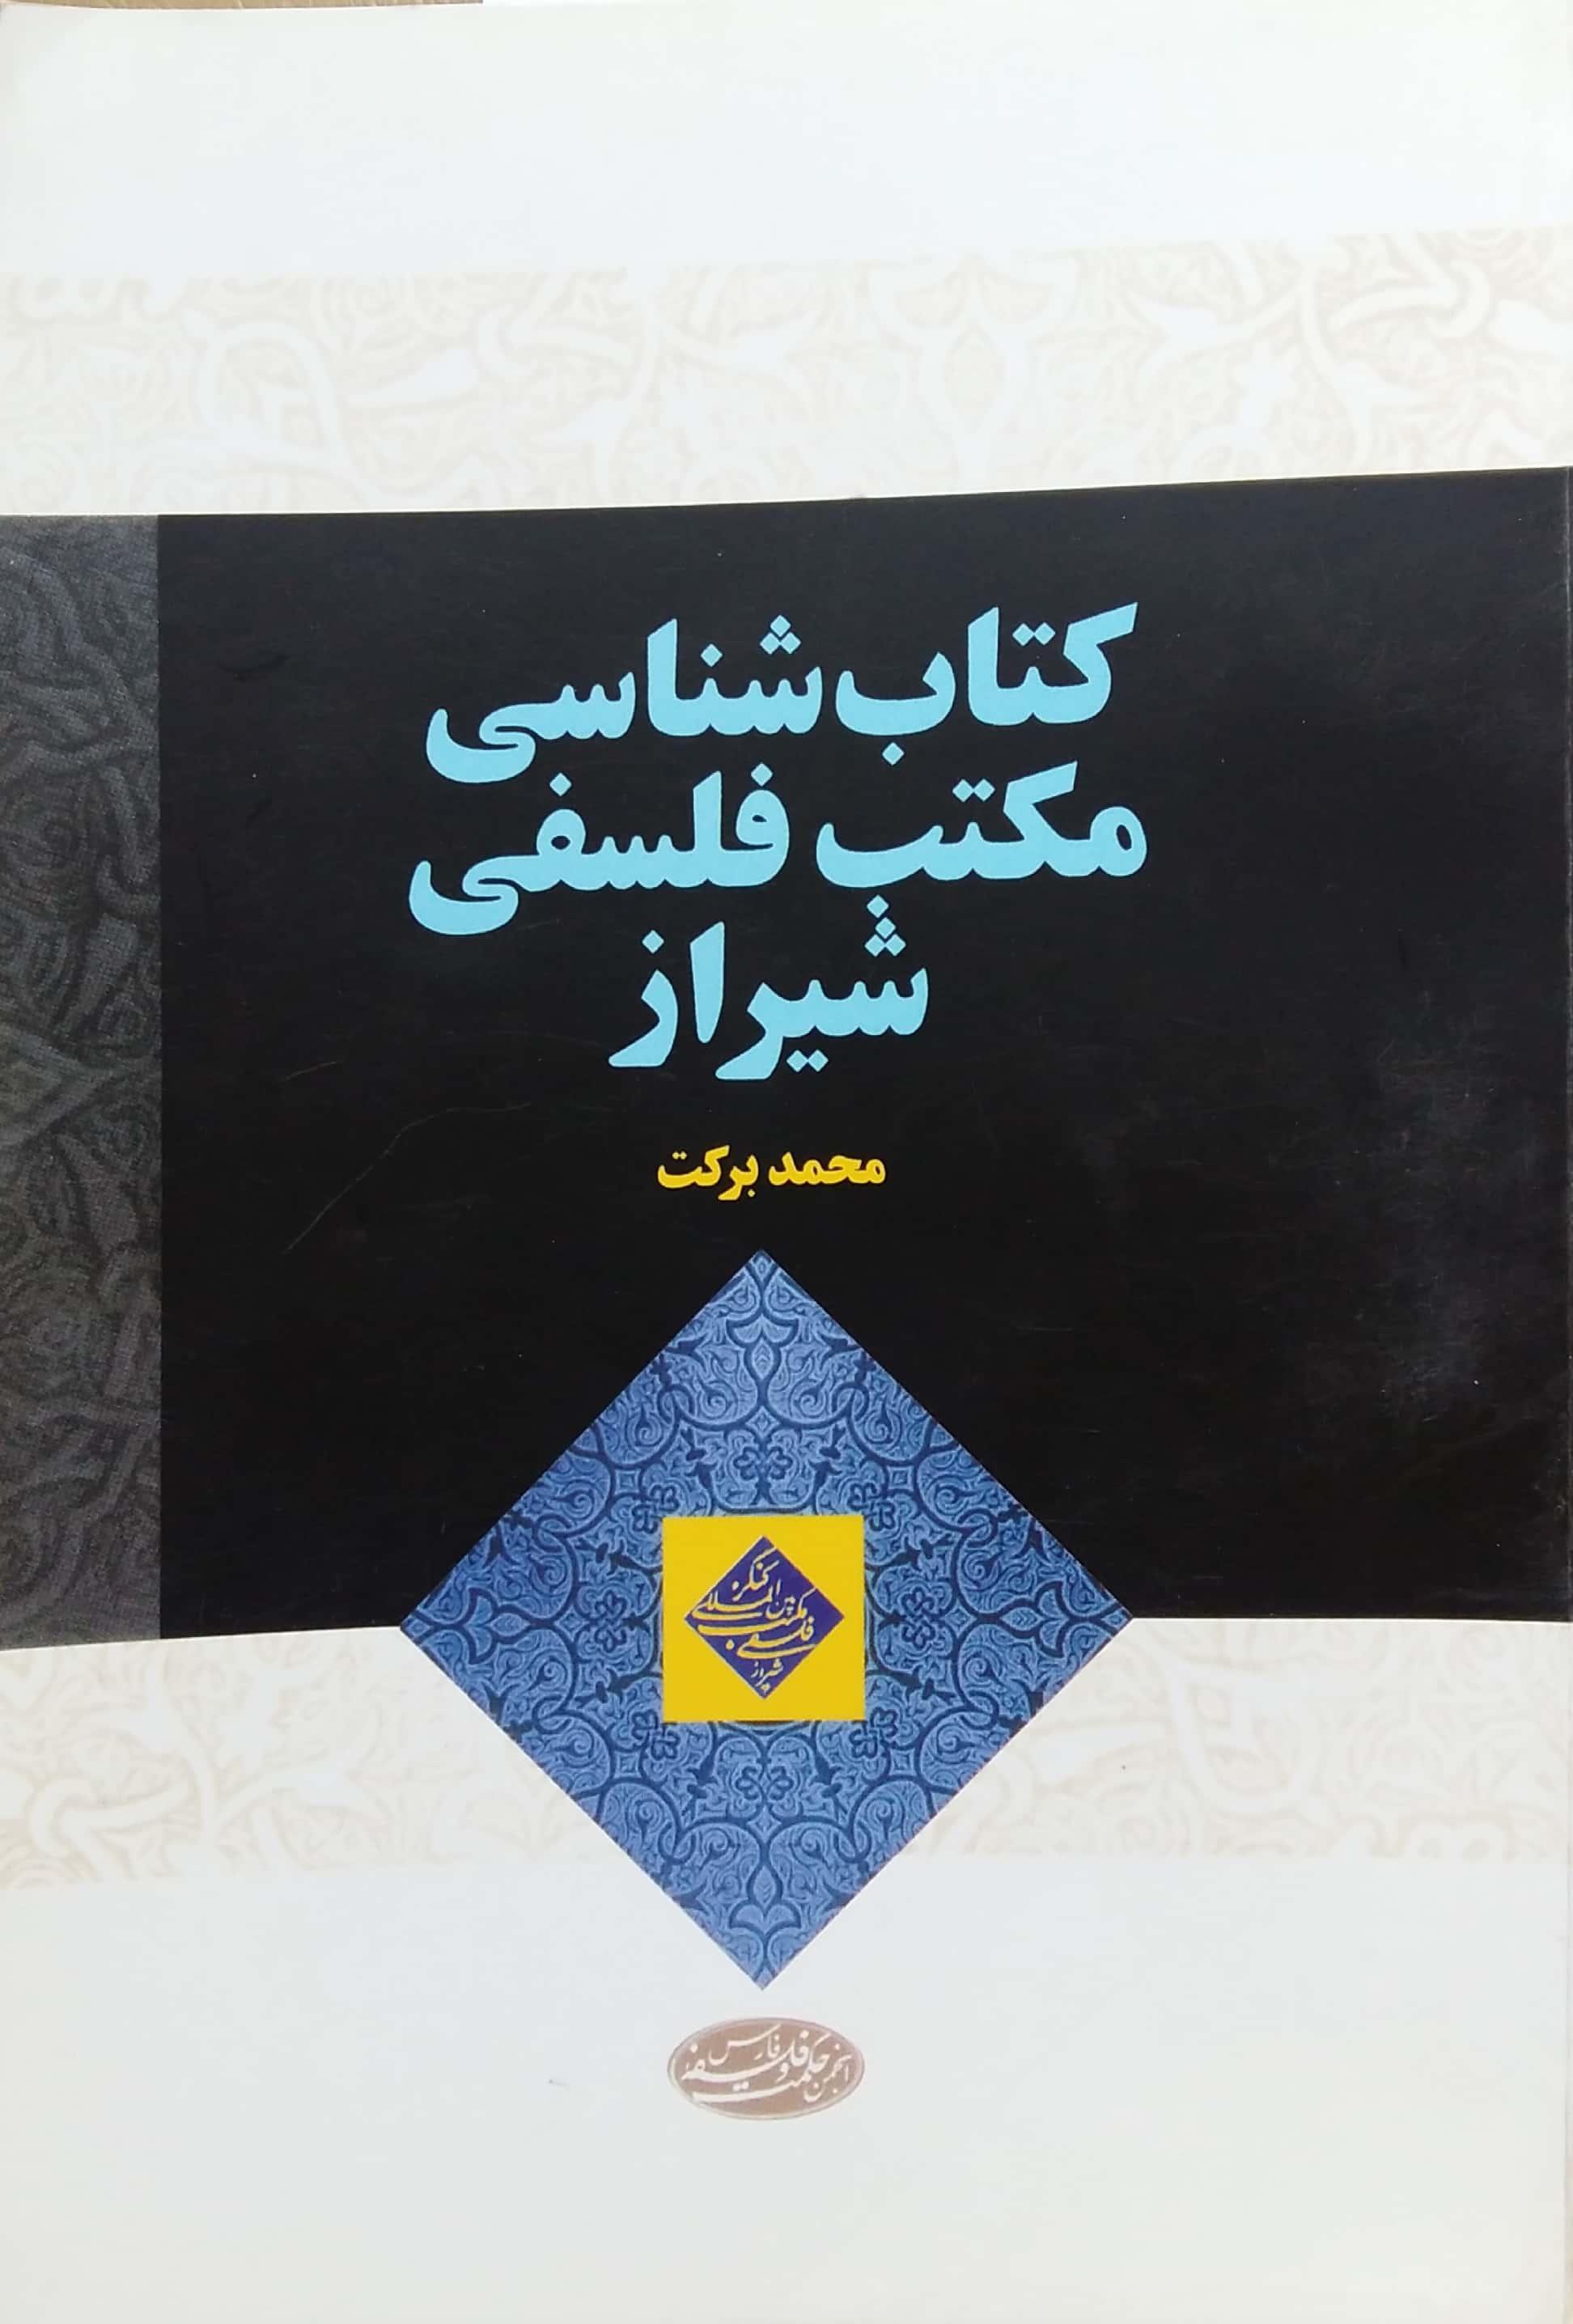 بنياد فارس شناسي کتاب شناسی مکتب فلسفی شیراز (مولف محمد برکت)